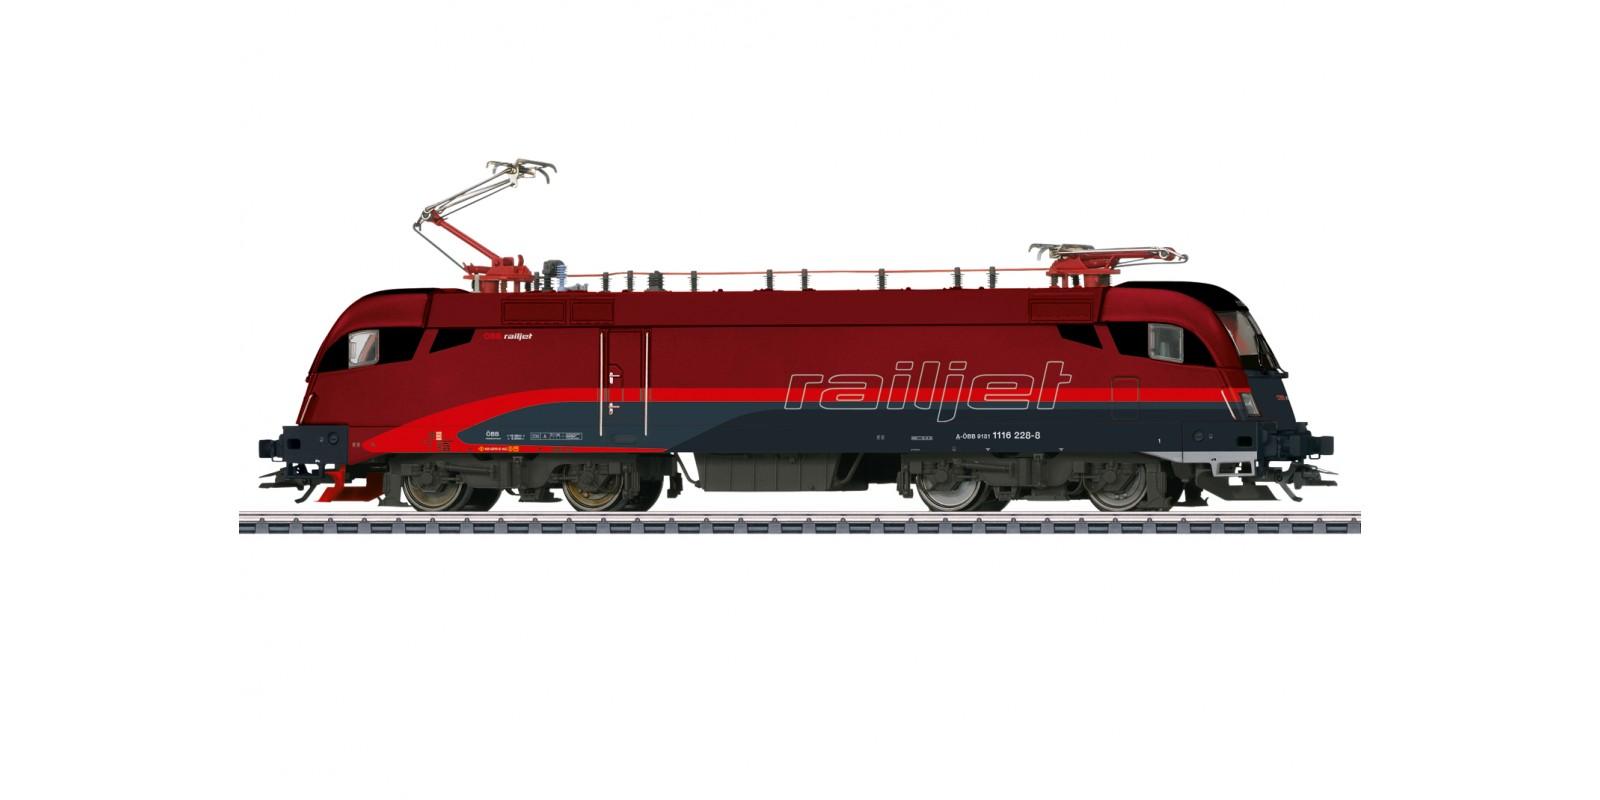 39871 Class 1116 Electric Locomotive